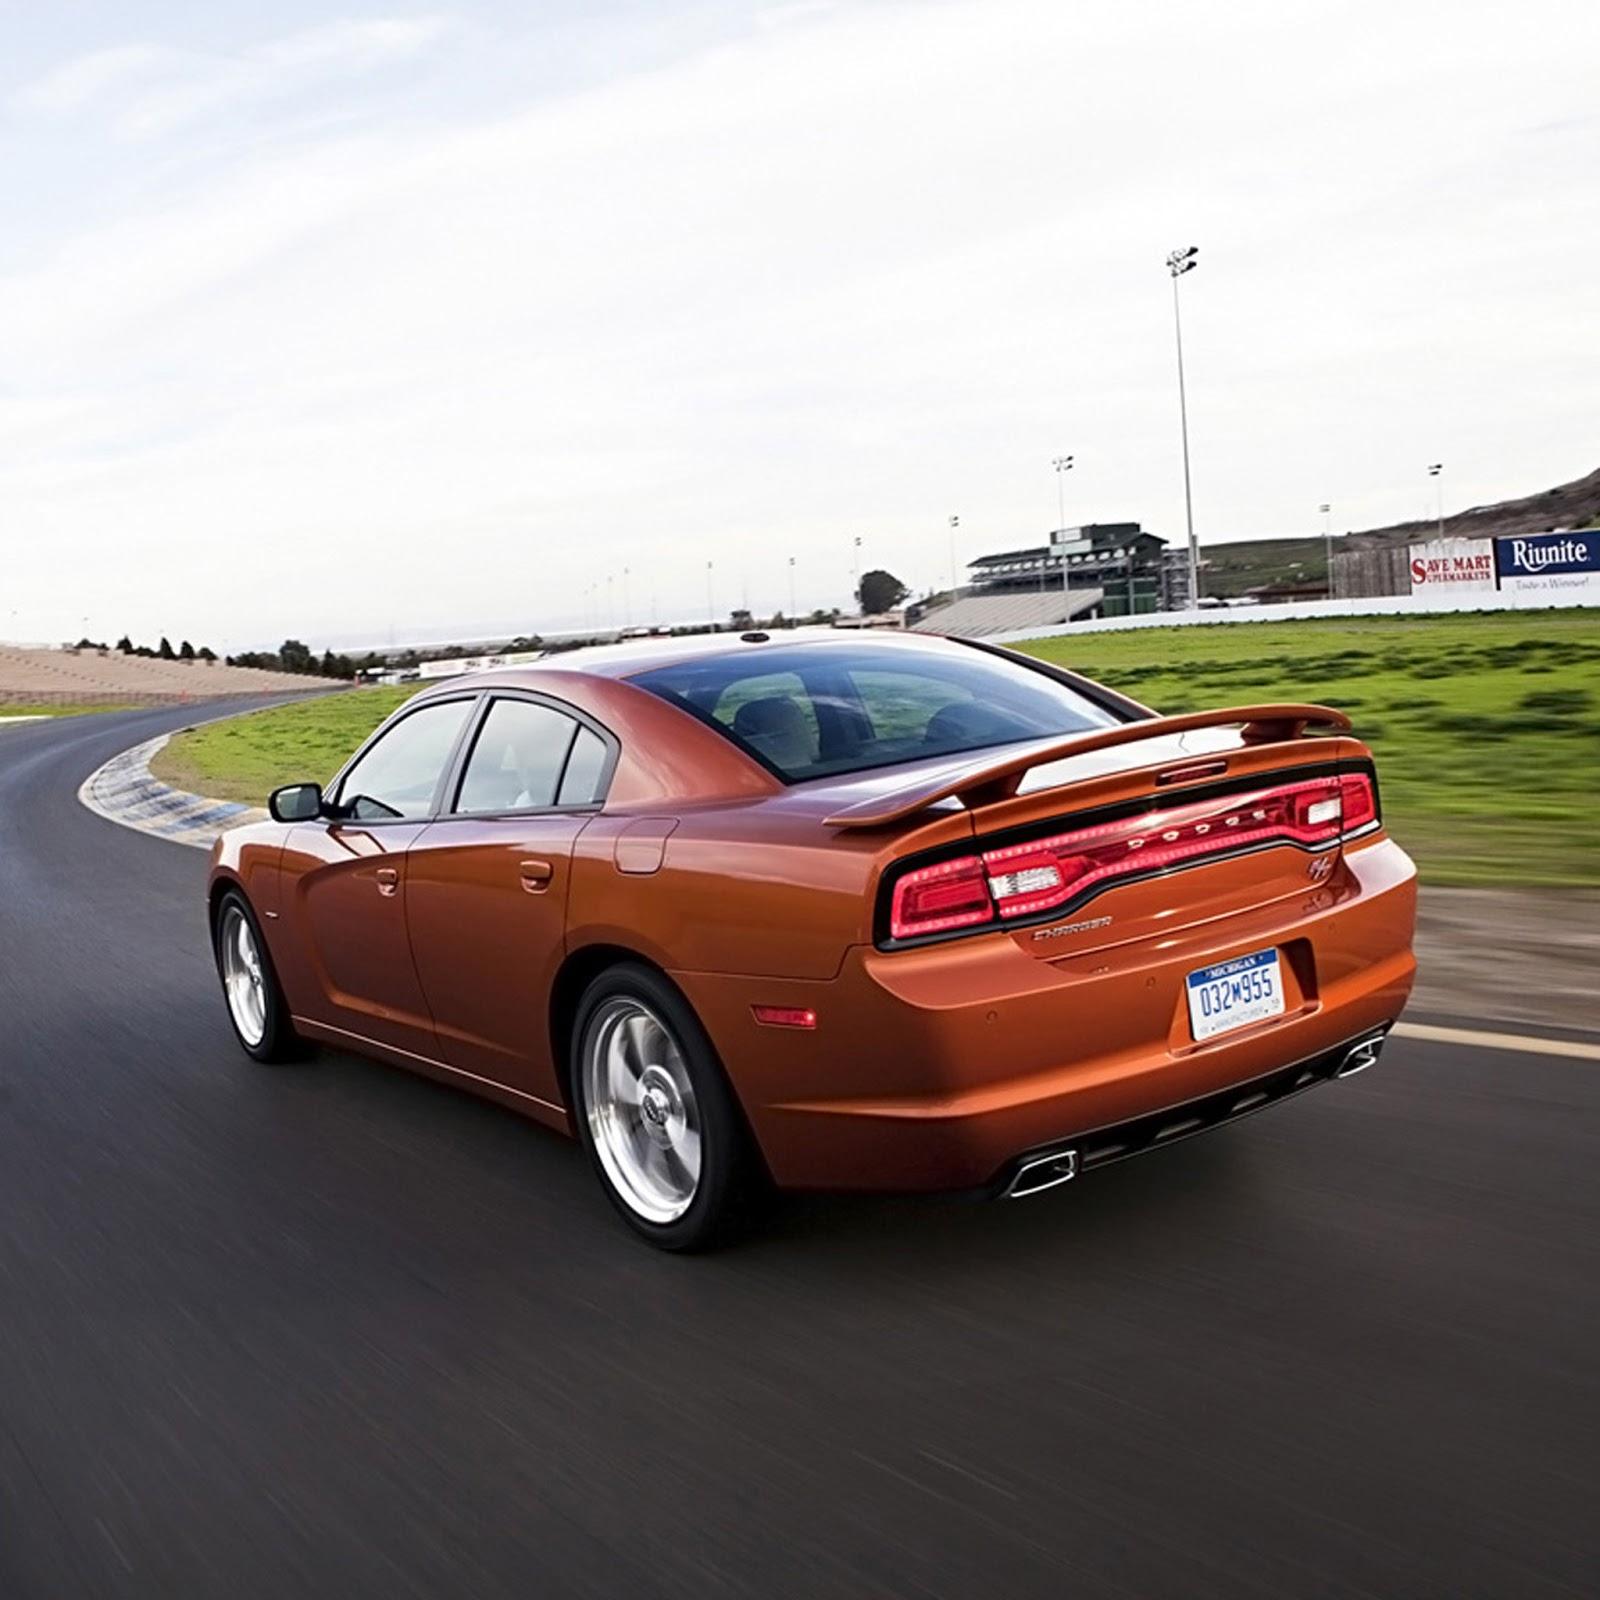 Desktop Wallpapers 1080p: 2012 Dodge